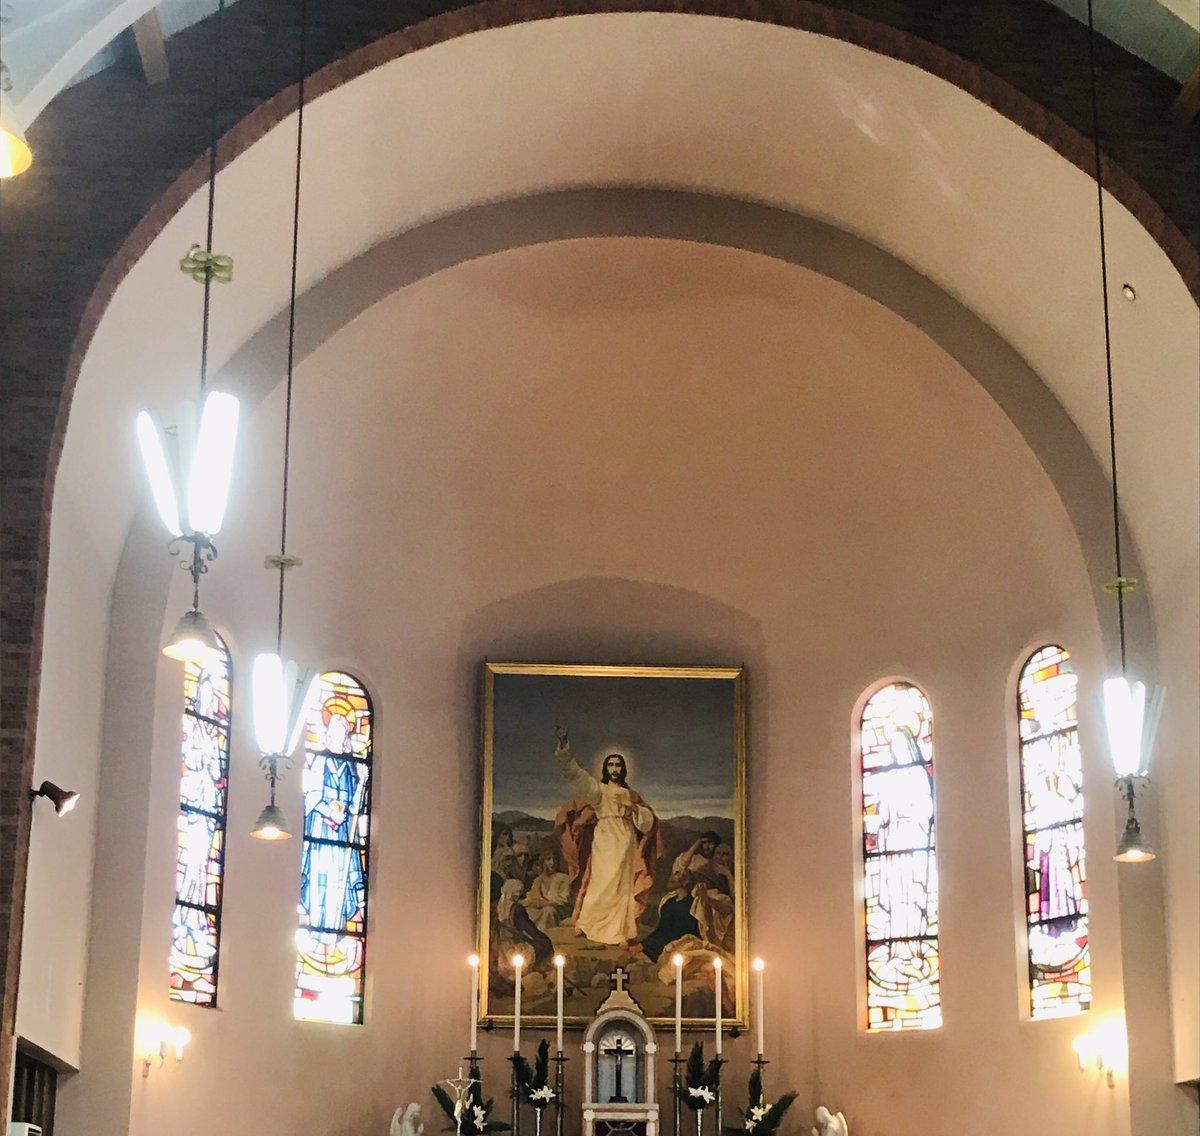 教会の結婚式は?厳粛ですねー私、短大も就職先も キリストだったので   久しぶりに神聖な気持ちになりましたぁ